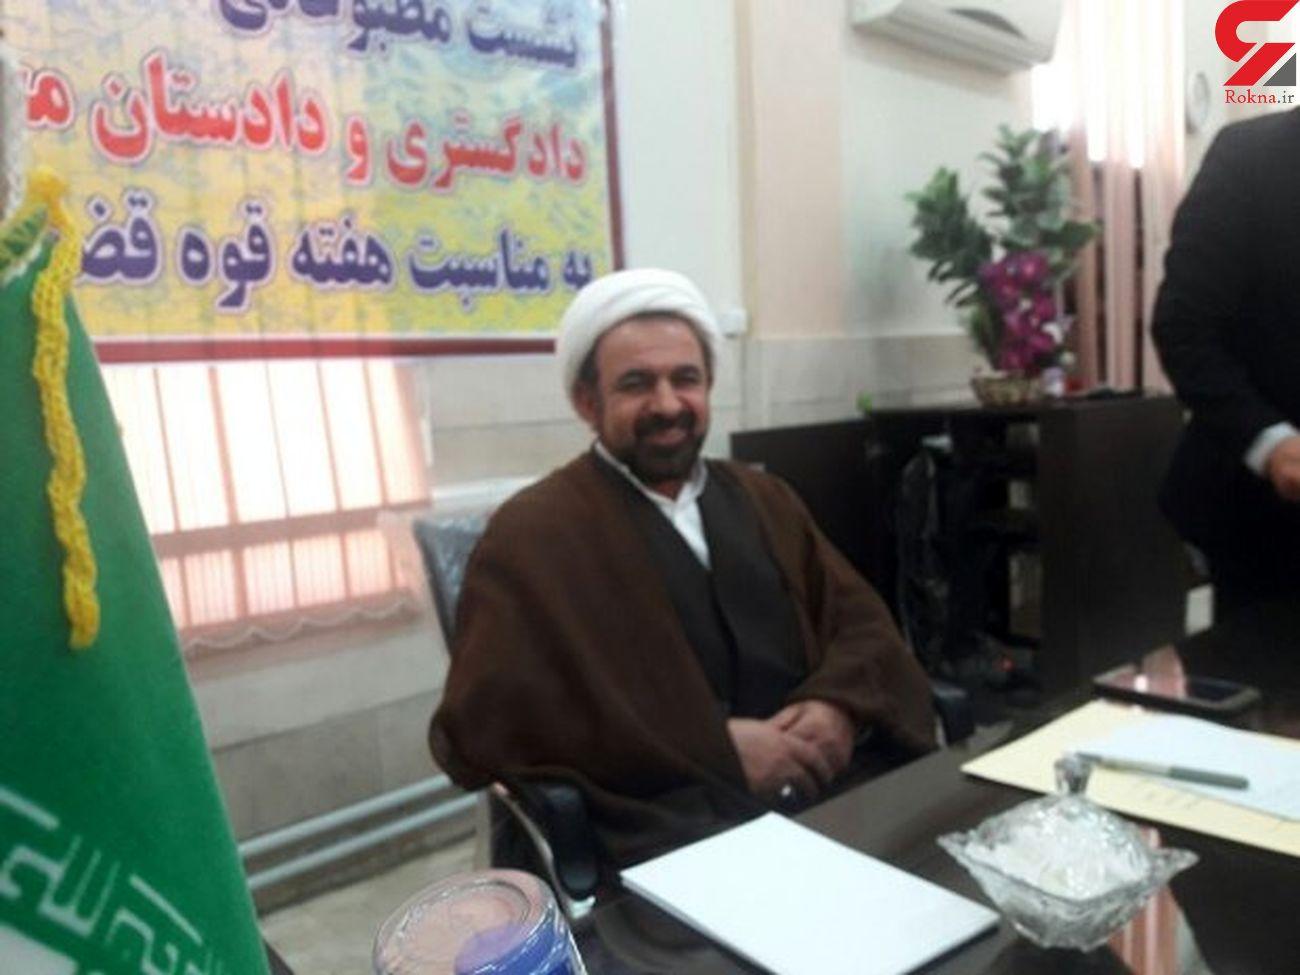 رسوایی 12 عضو شورا و کارمندان دهیاری های قرچک